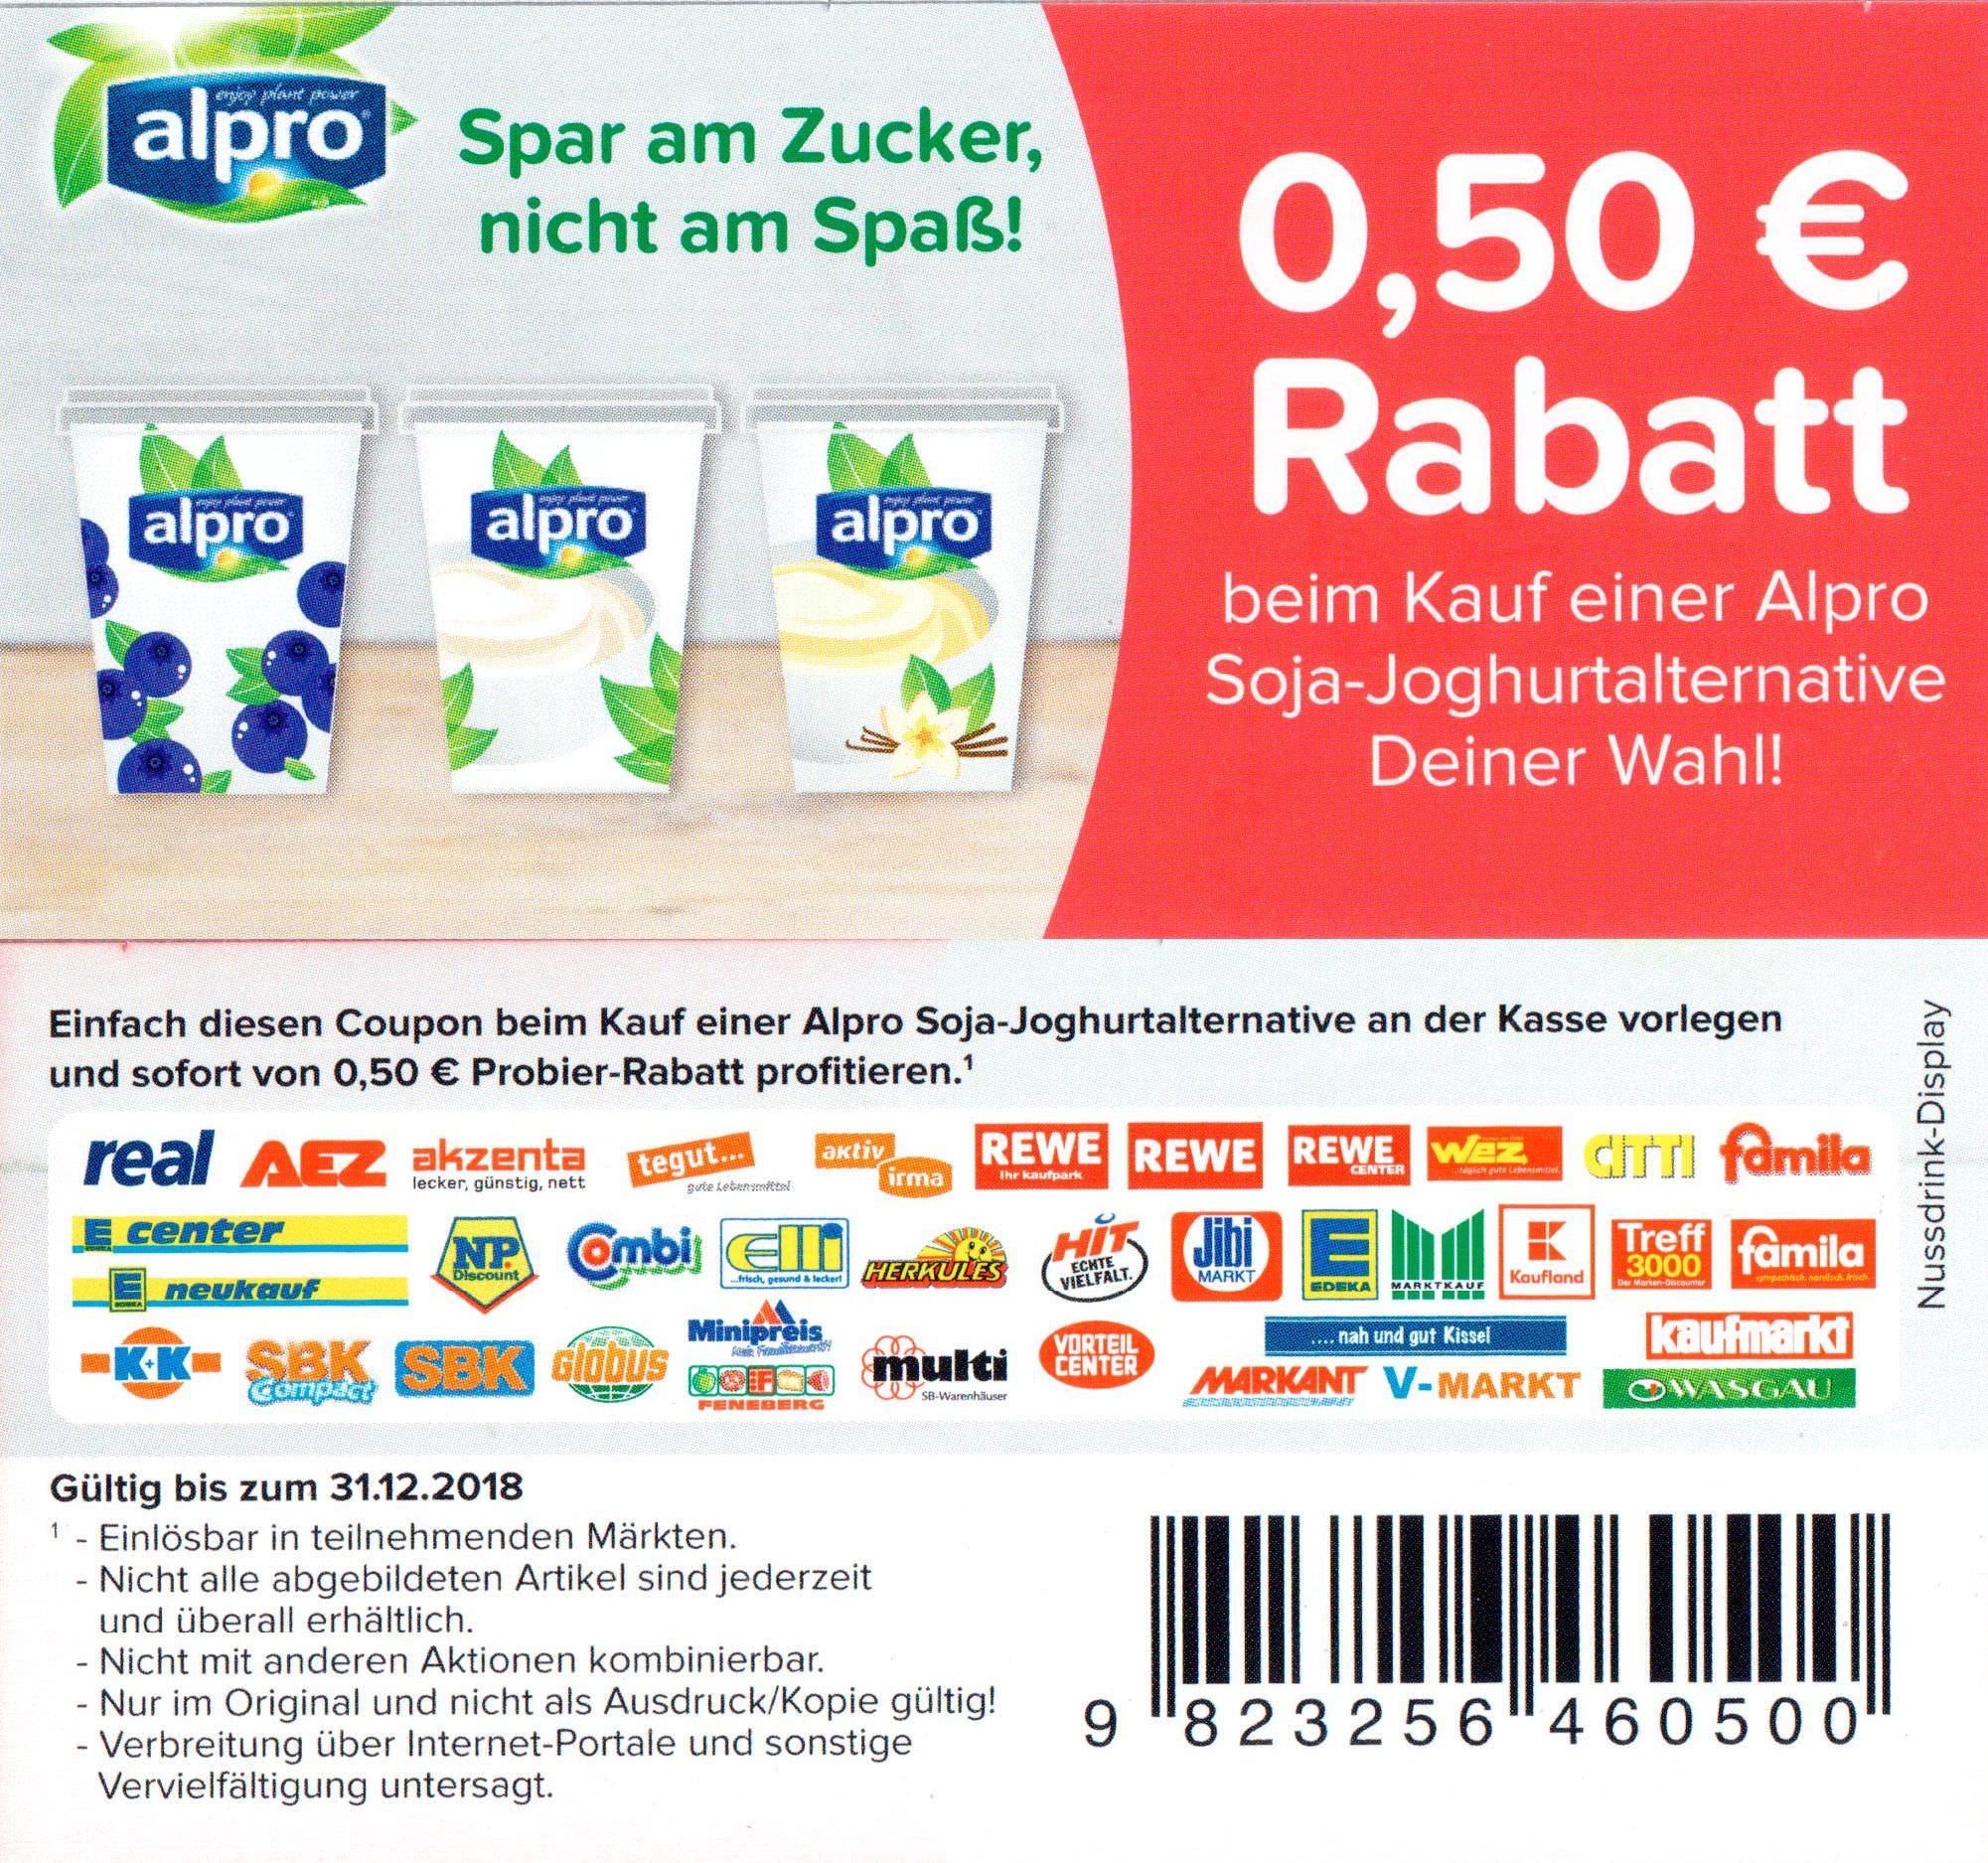 Neuer -0,50€ Coupon für Alpro Soja-Joghurtalternativen (alle Sorten)